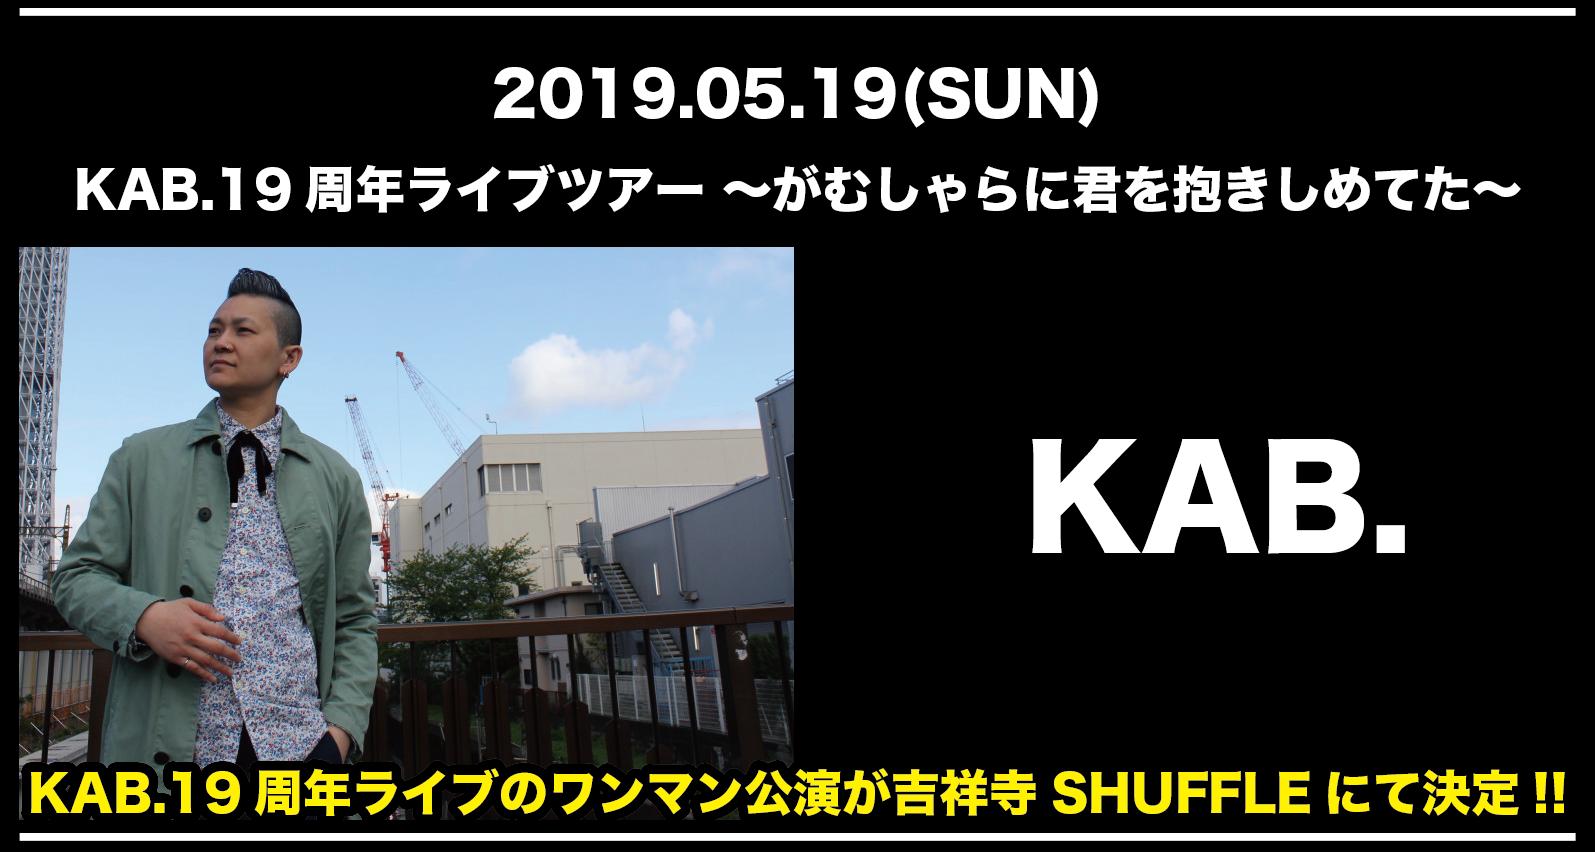 KAB.19周年ライブツアー ~がむしゃらに君を抱きしめてた~